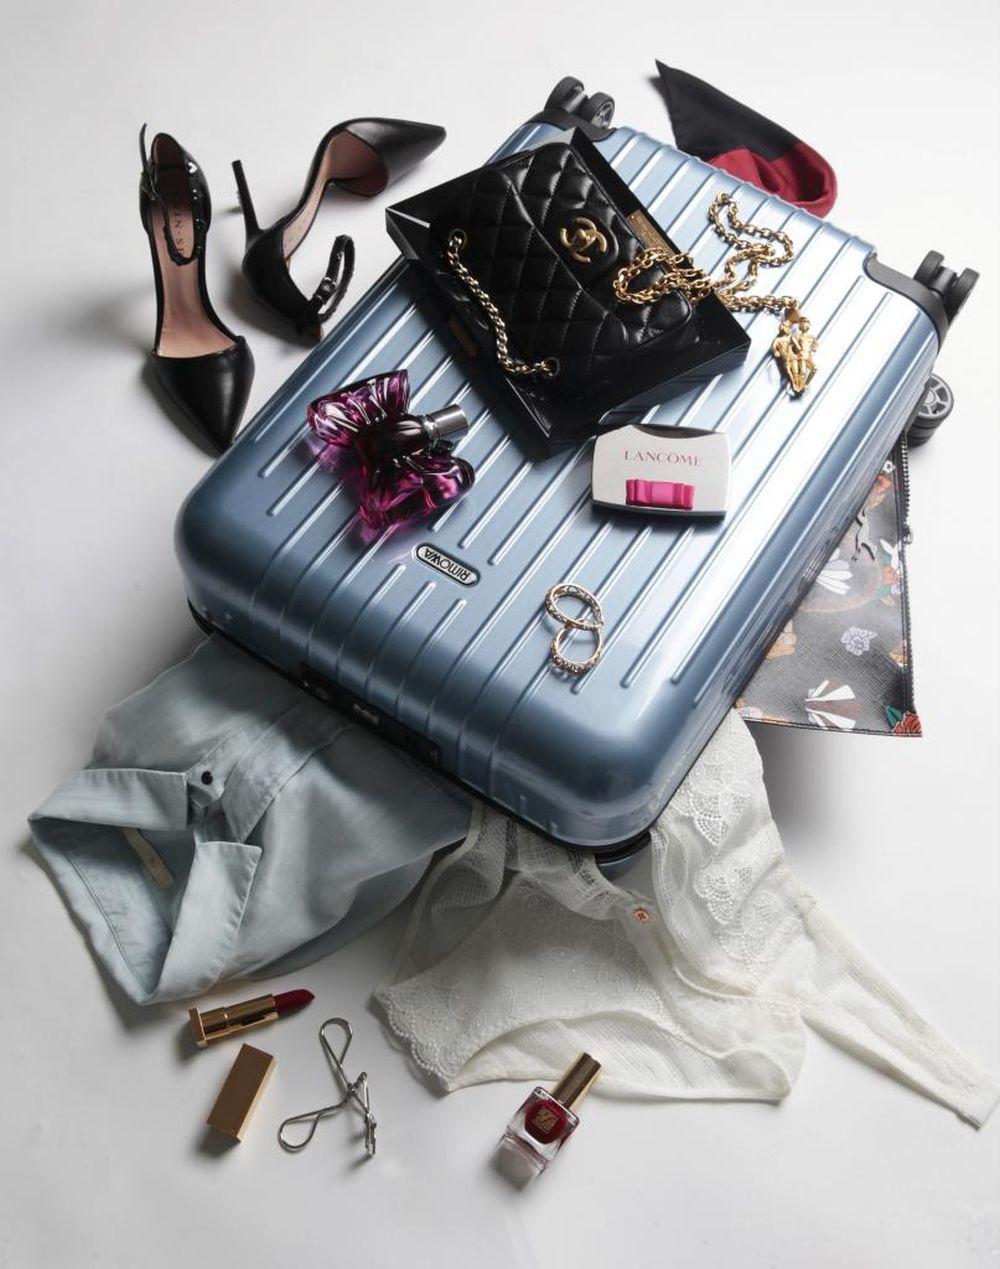 Descubre el truco para facturar una maleta extra sin tener que pagar.